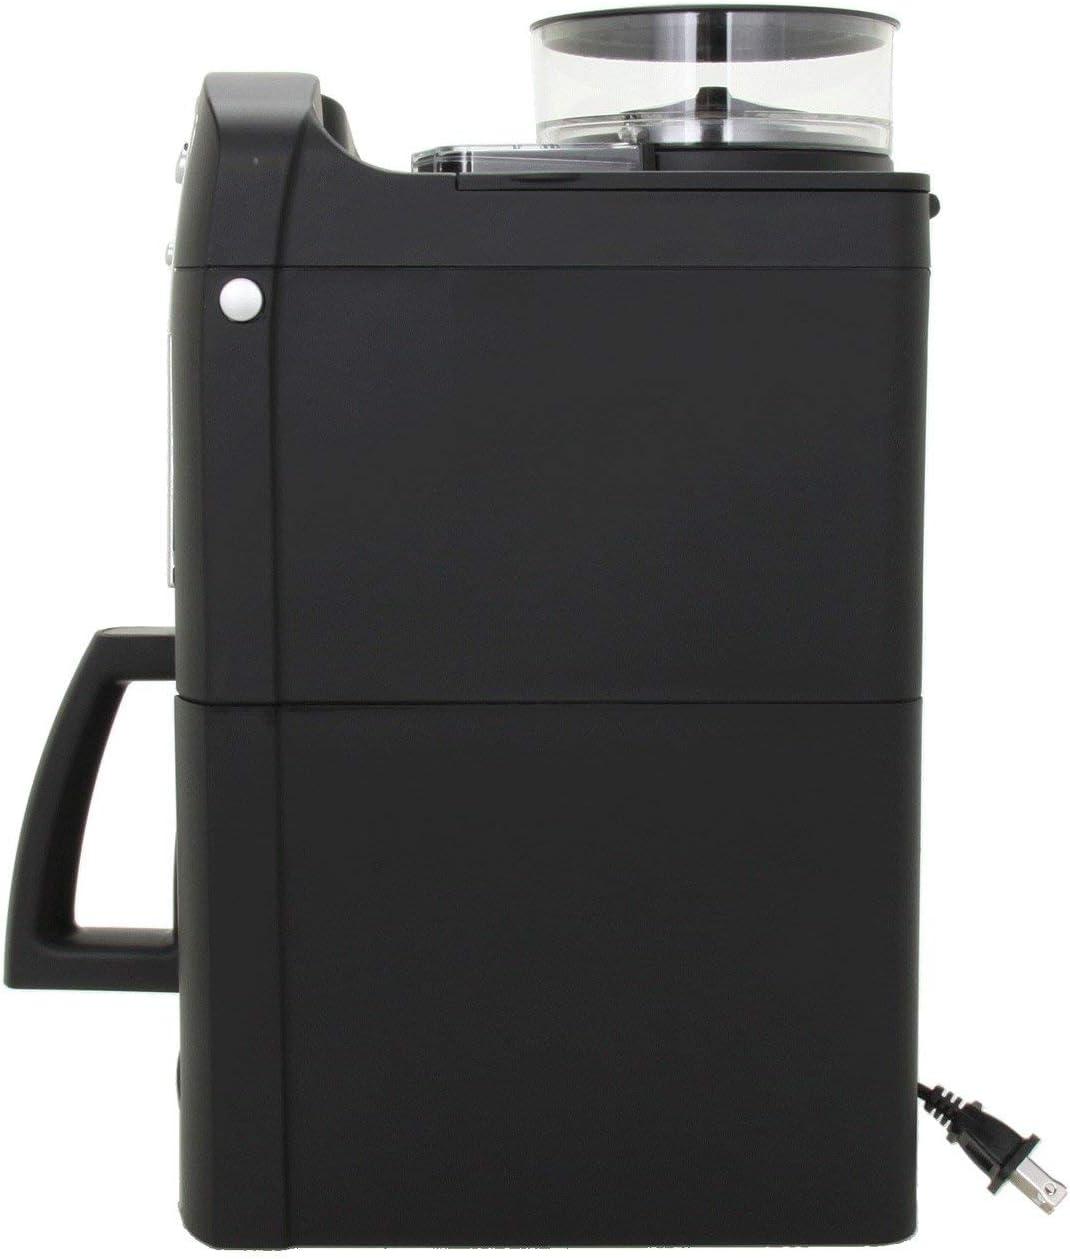 Amazon.com: Cafetera digital para 10 tazas con molino ...